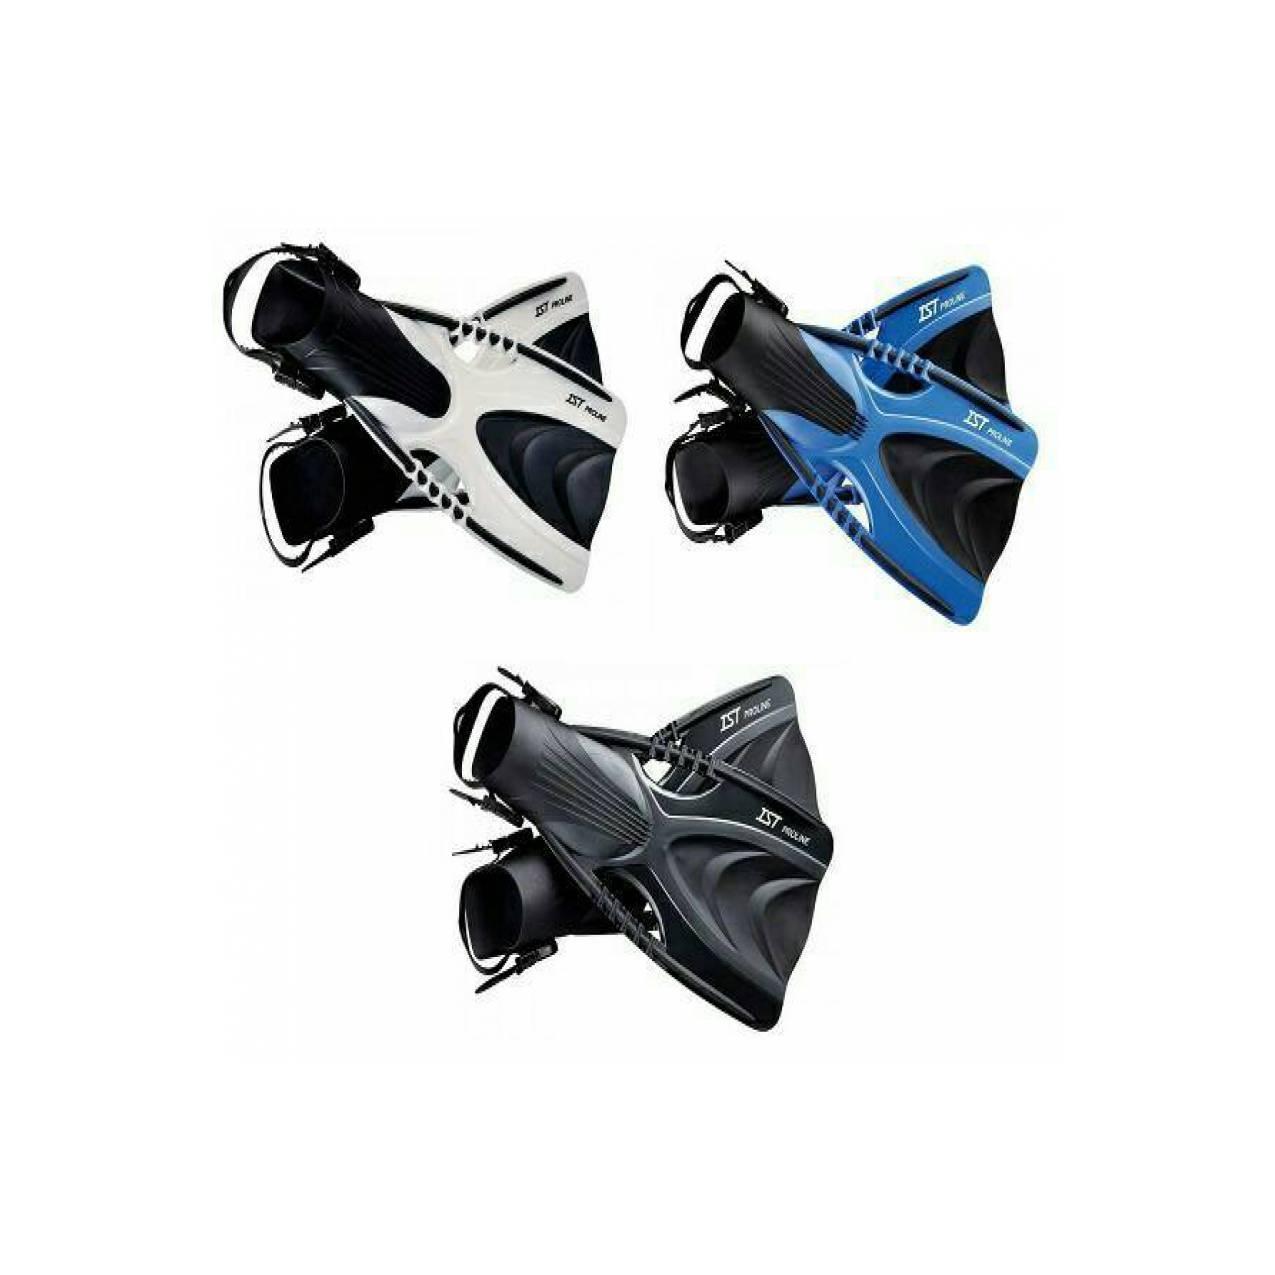 Beli Sepatu Katak Merk Store Marwanto606 Kaki Fin Seal Alat Selam Ist Speedy Untuk Snorkling Renang